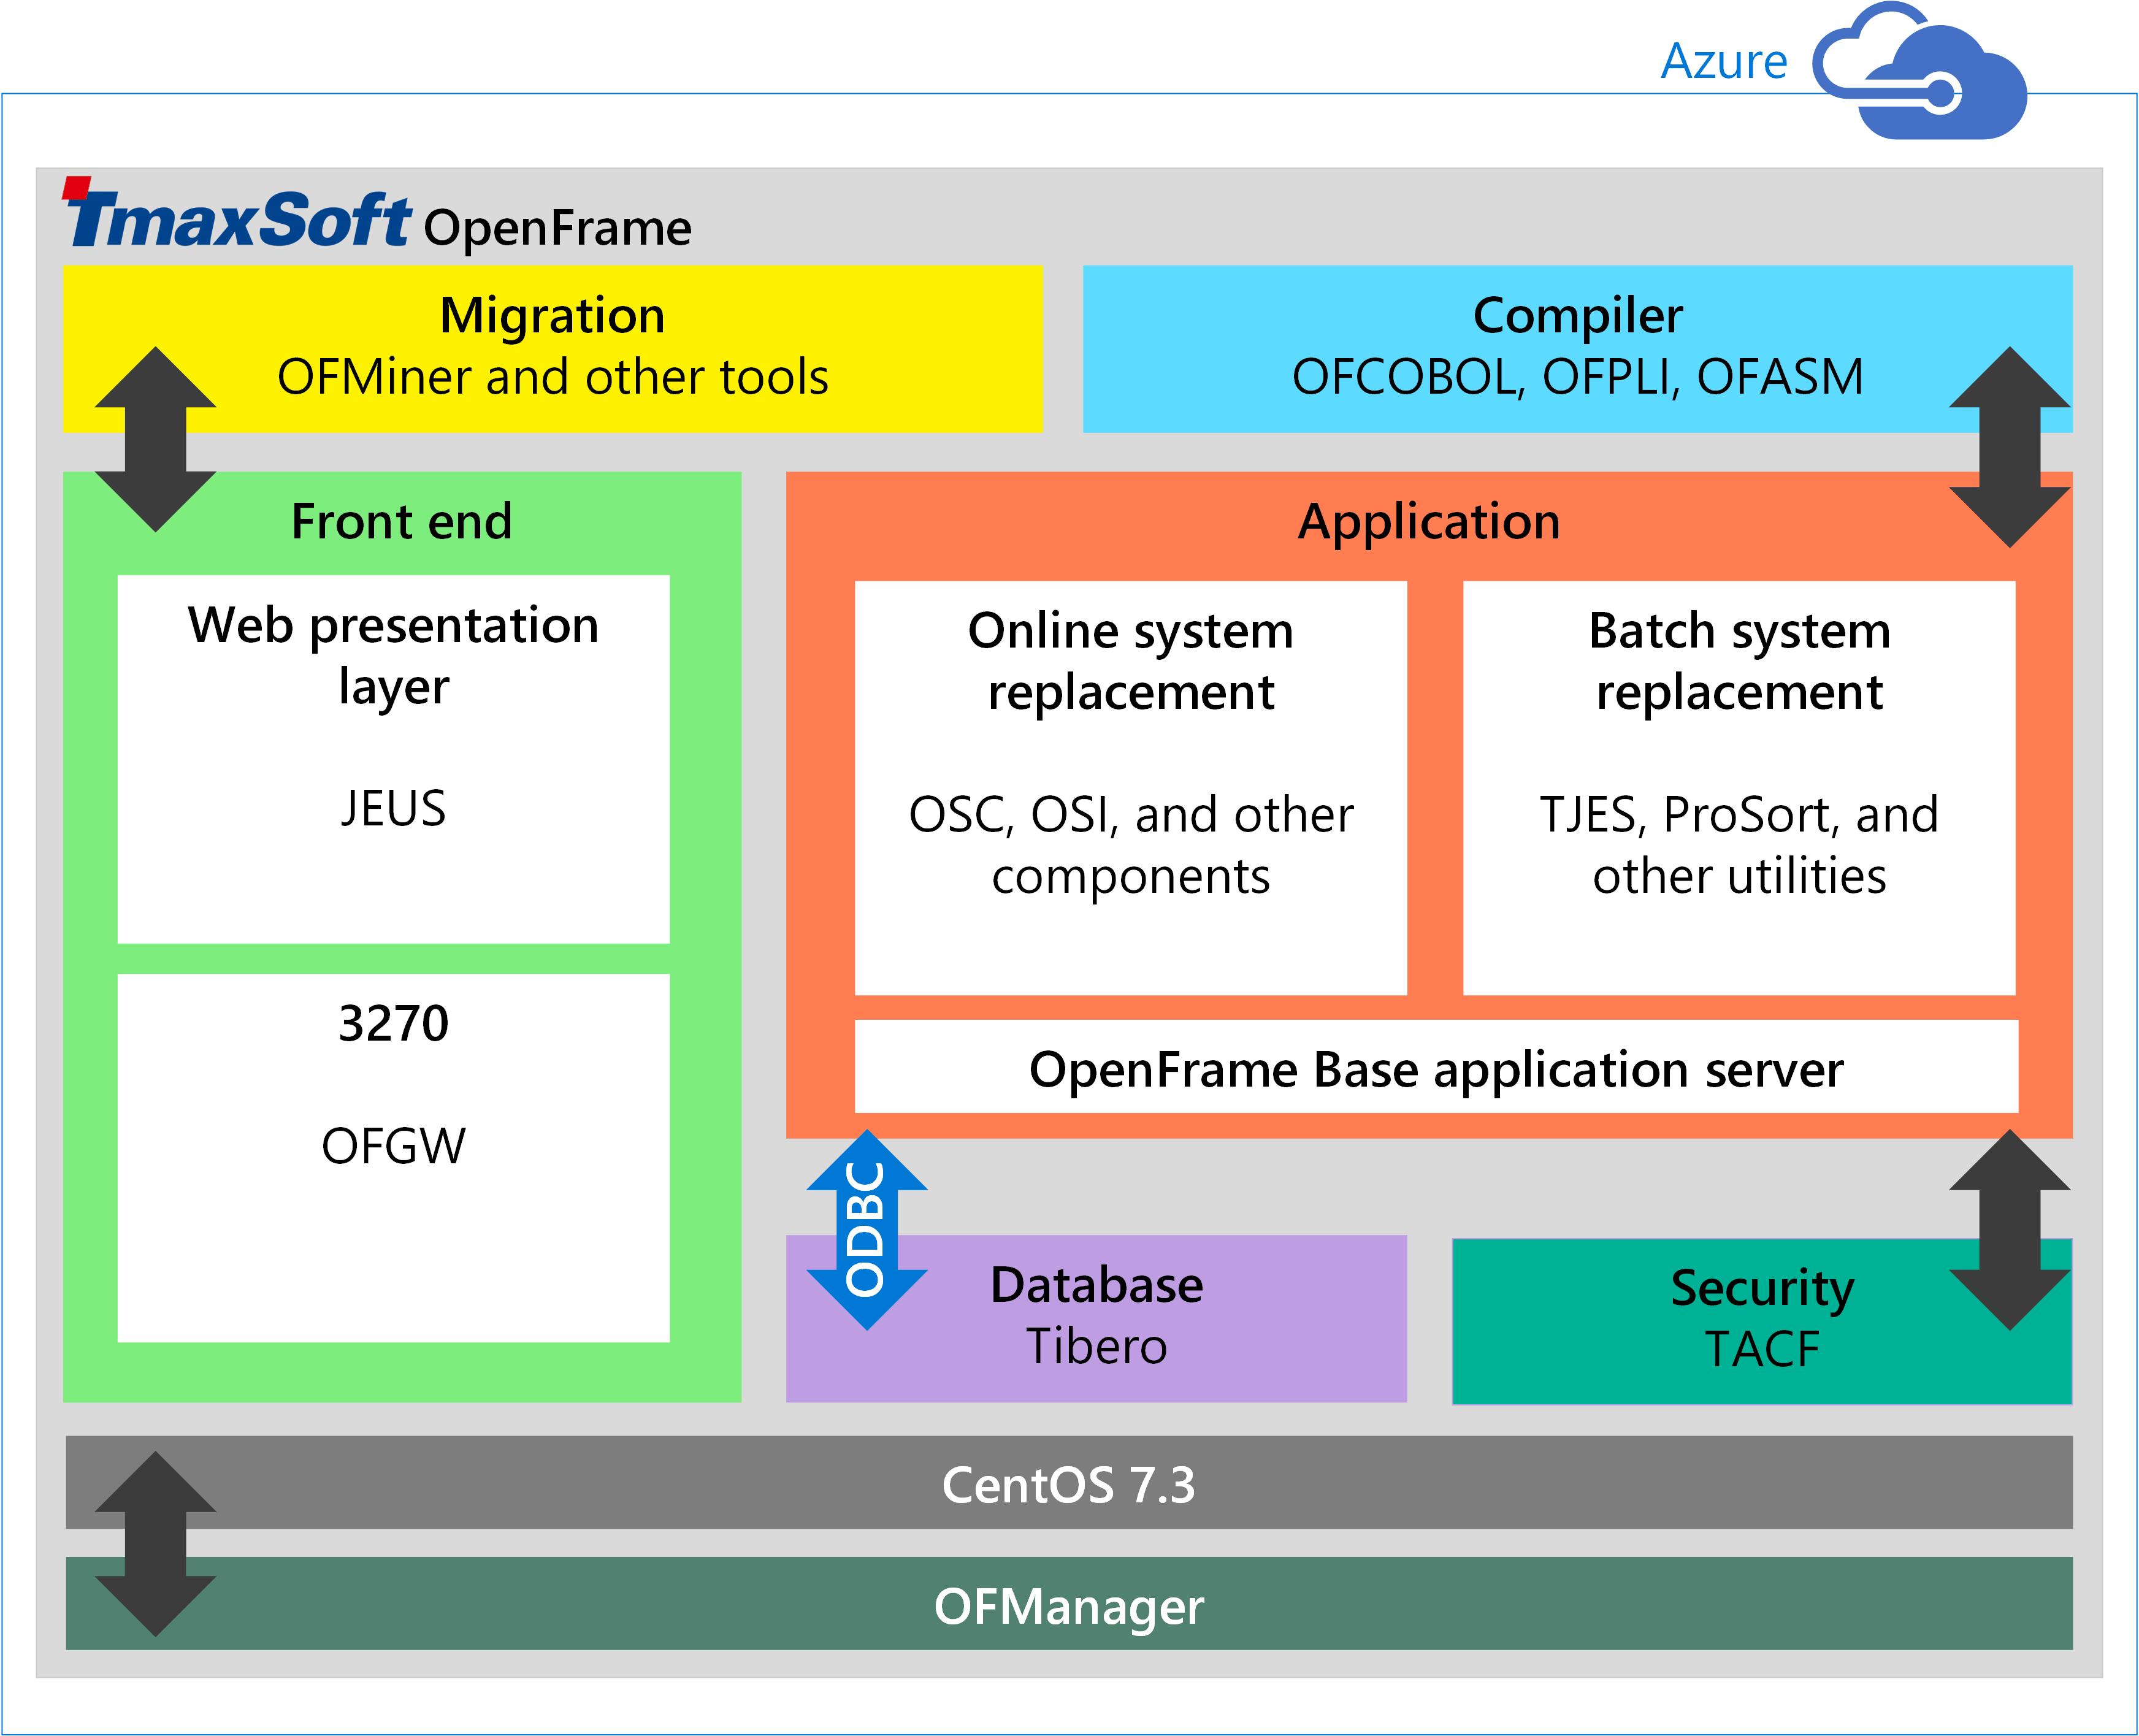 Installieren von TmaxSoft OpenFrame auf Azure-VMs ...